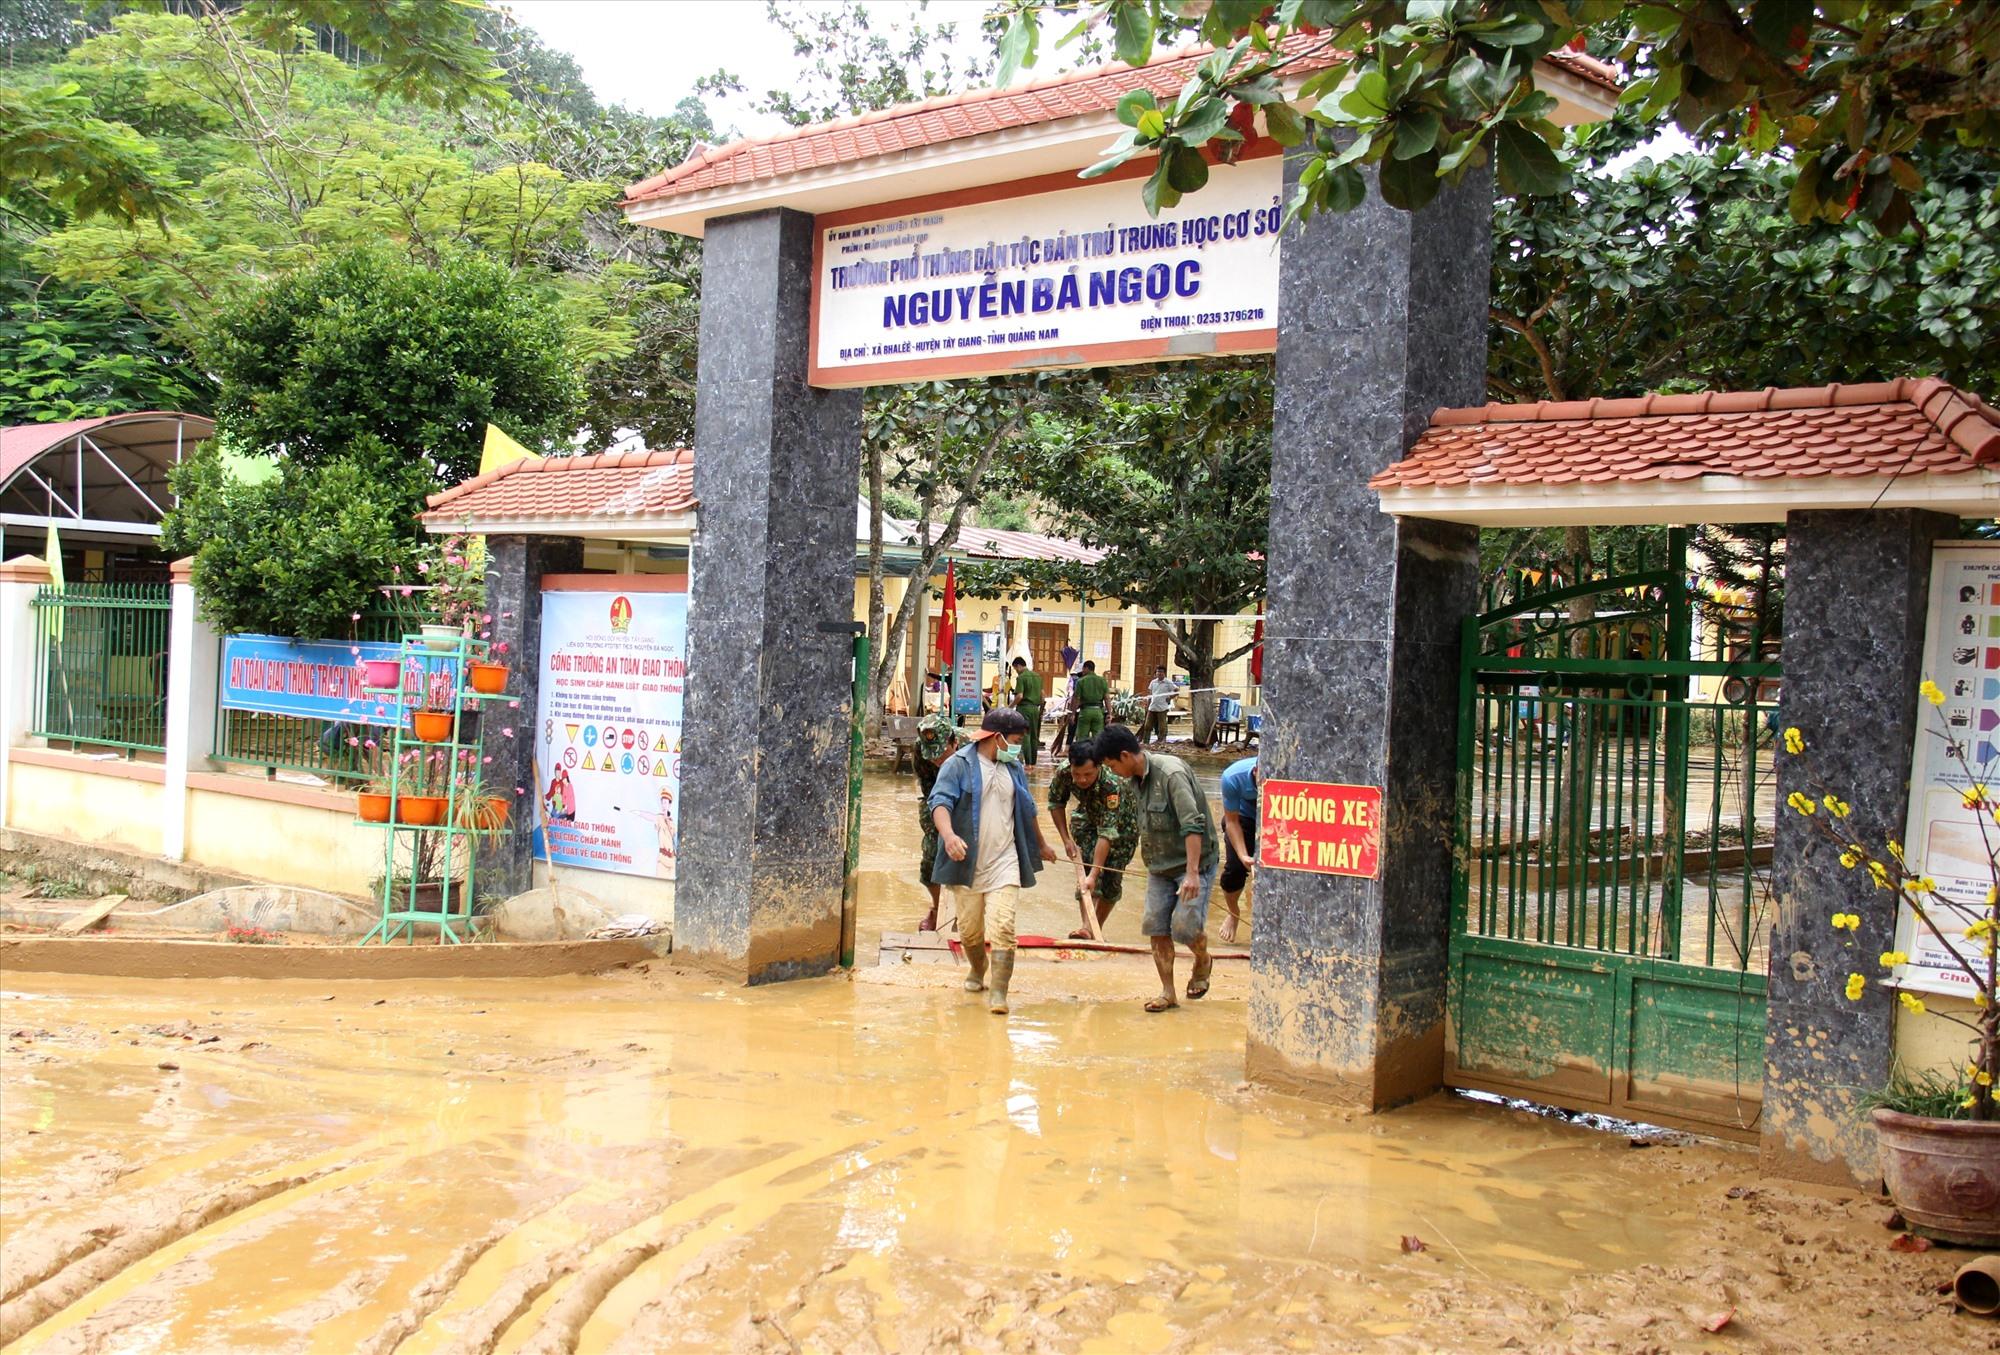 Theo kế hoạch, thứ 4 tuần này (tức 23.9), Trường Phổ thông dân tộc bán trú THCS Nguyễn Bá Ngọc sẽ trở lại việc học tập. Ảnh: A.N